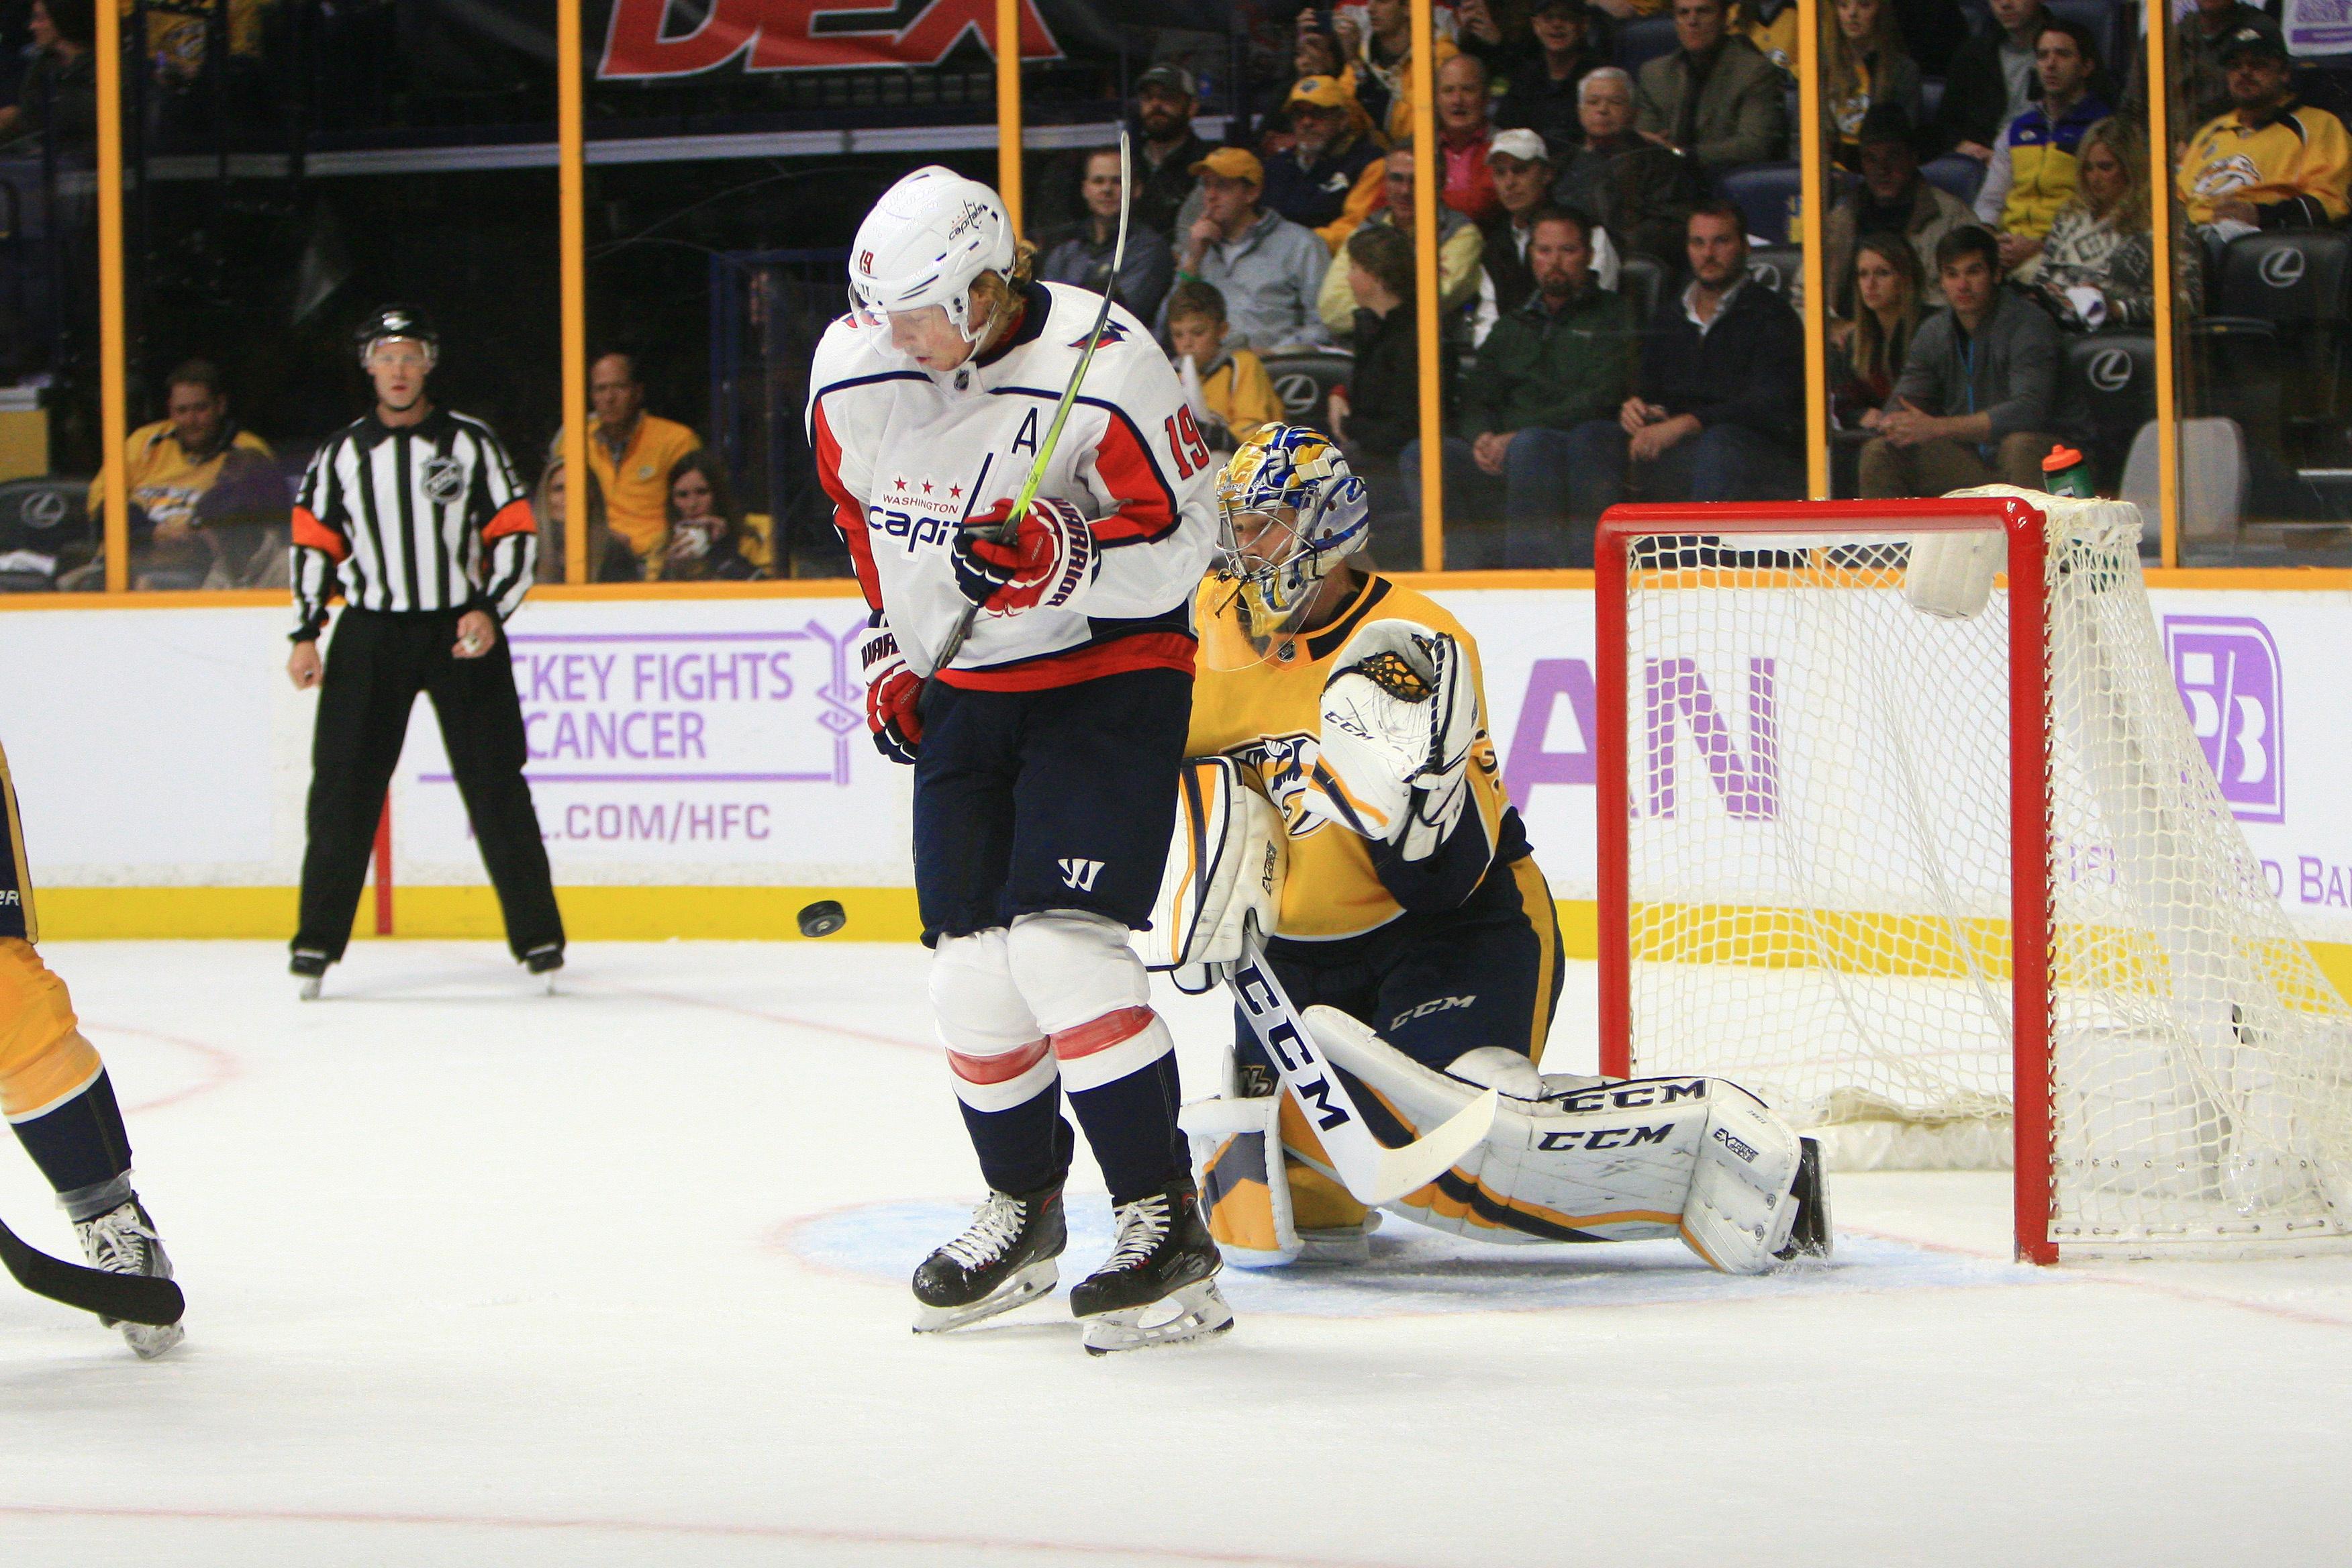 NHL: NOV 14 Capitals at Predators